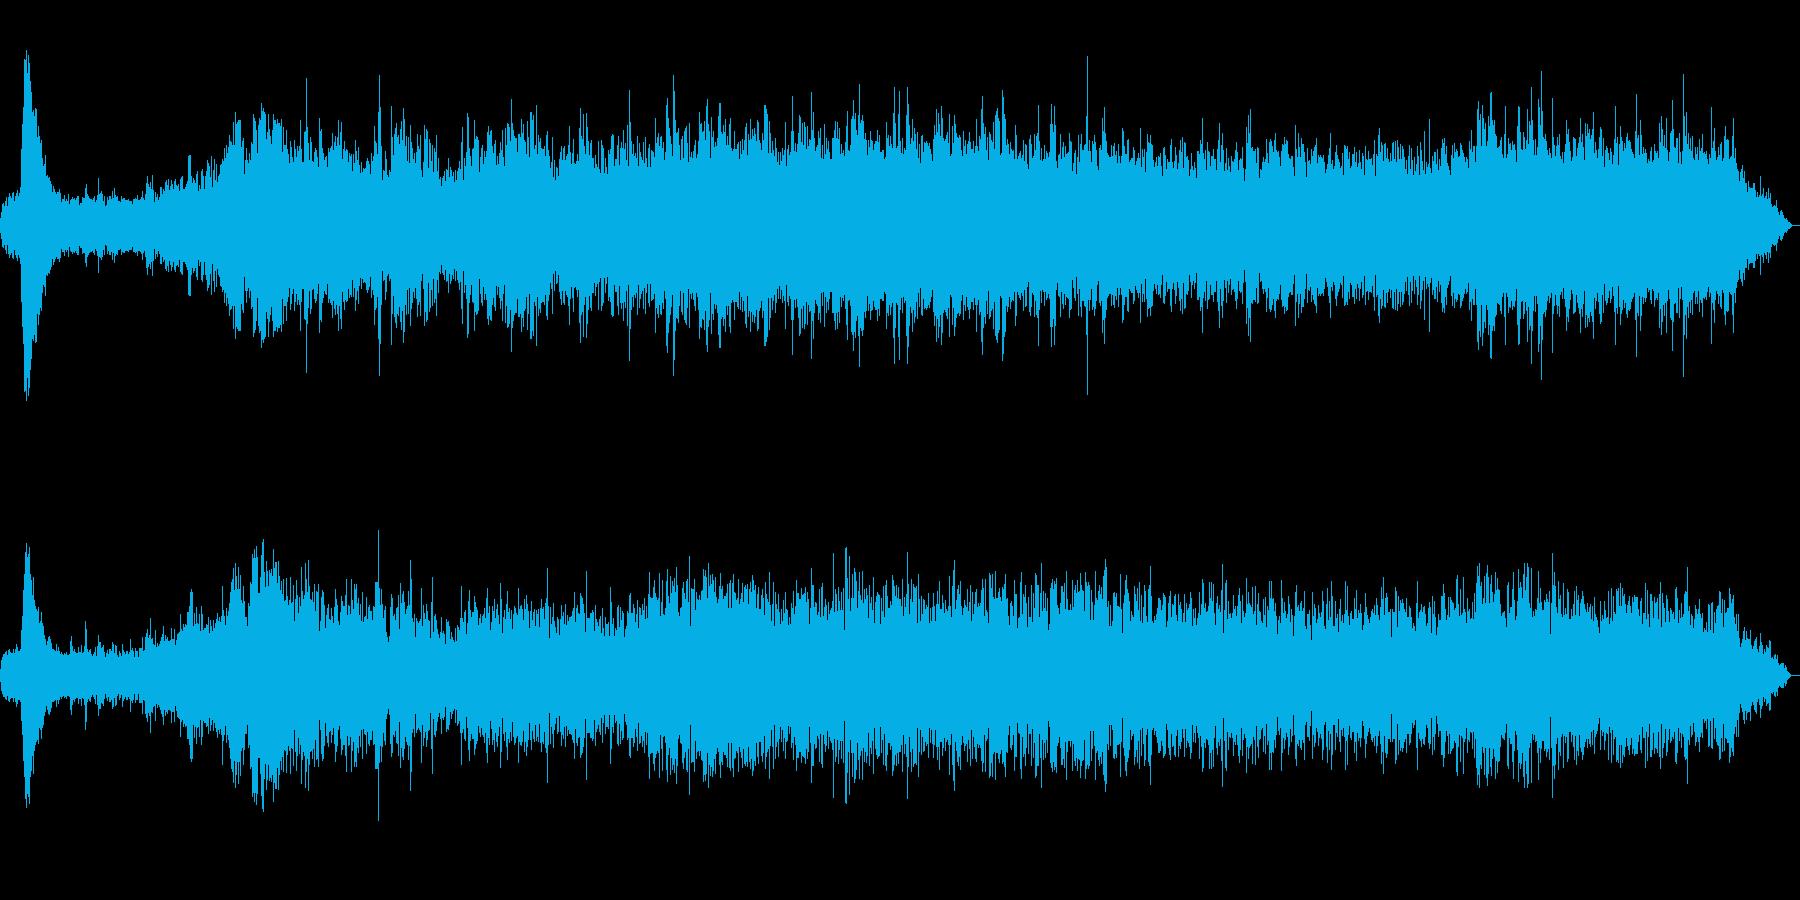 箱根登山鉄道 発車時の車内の再生済みの波形